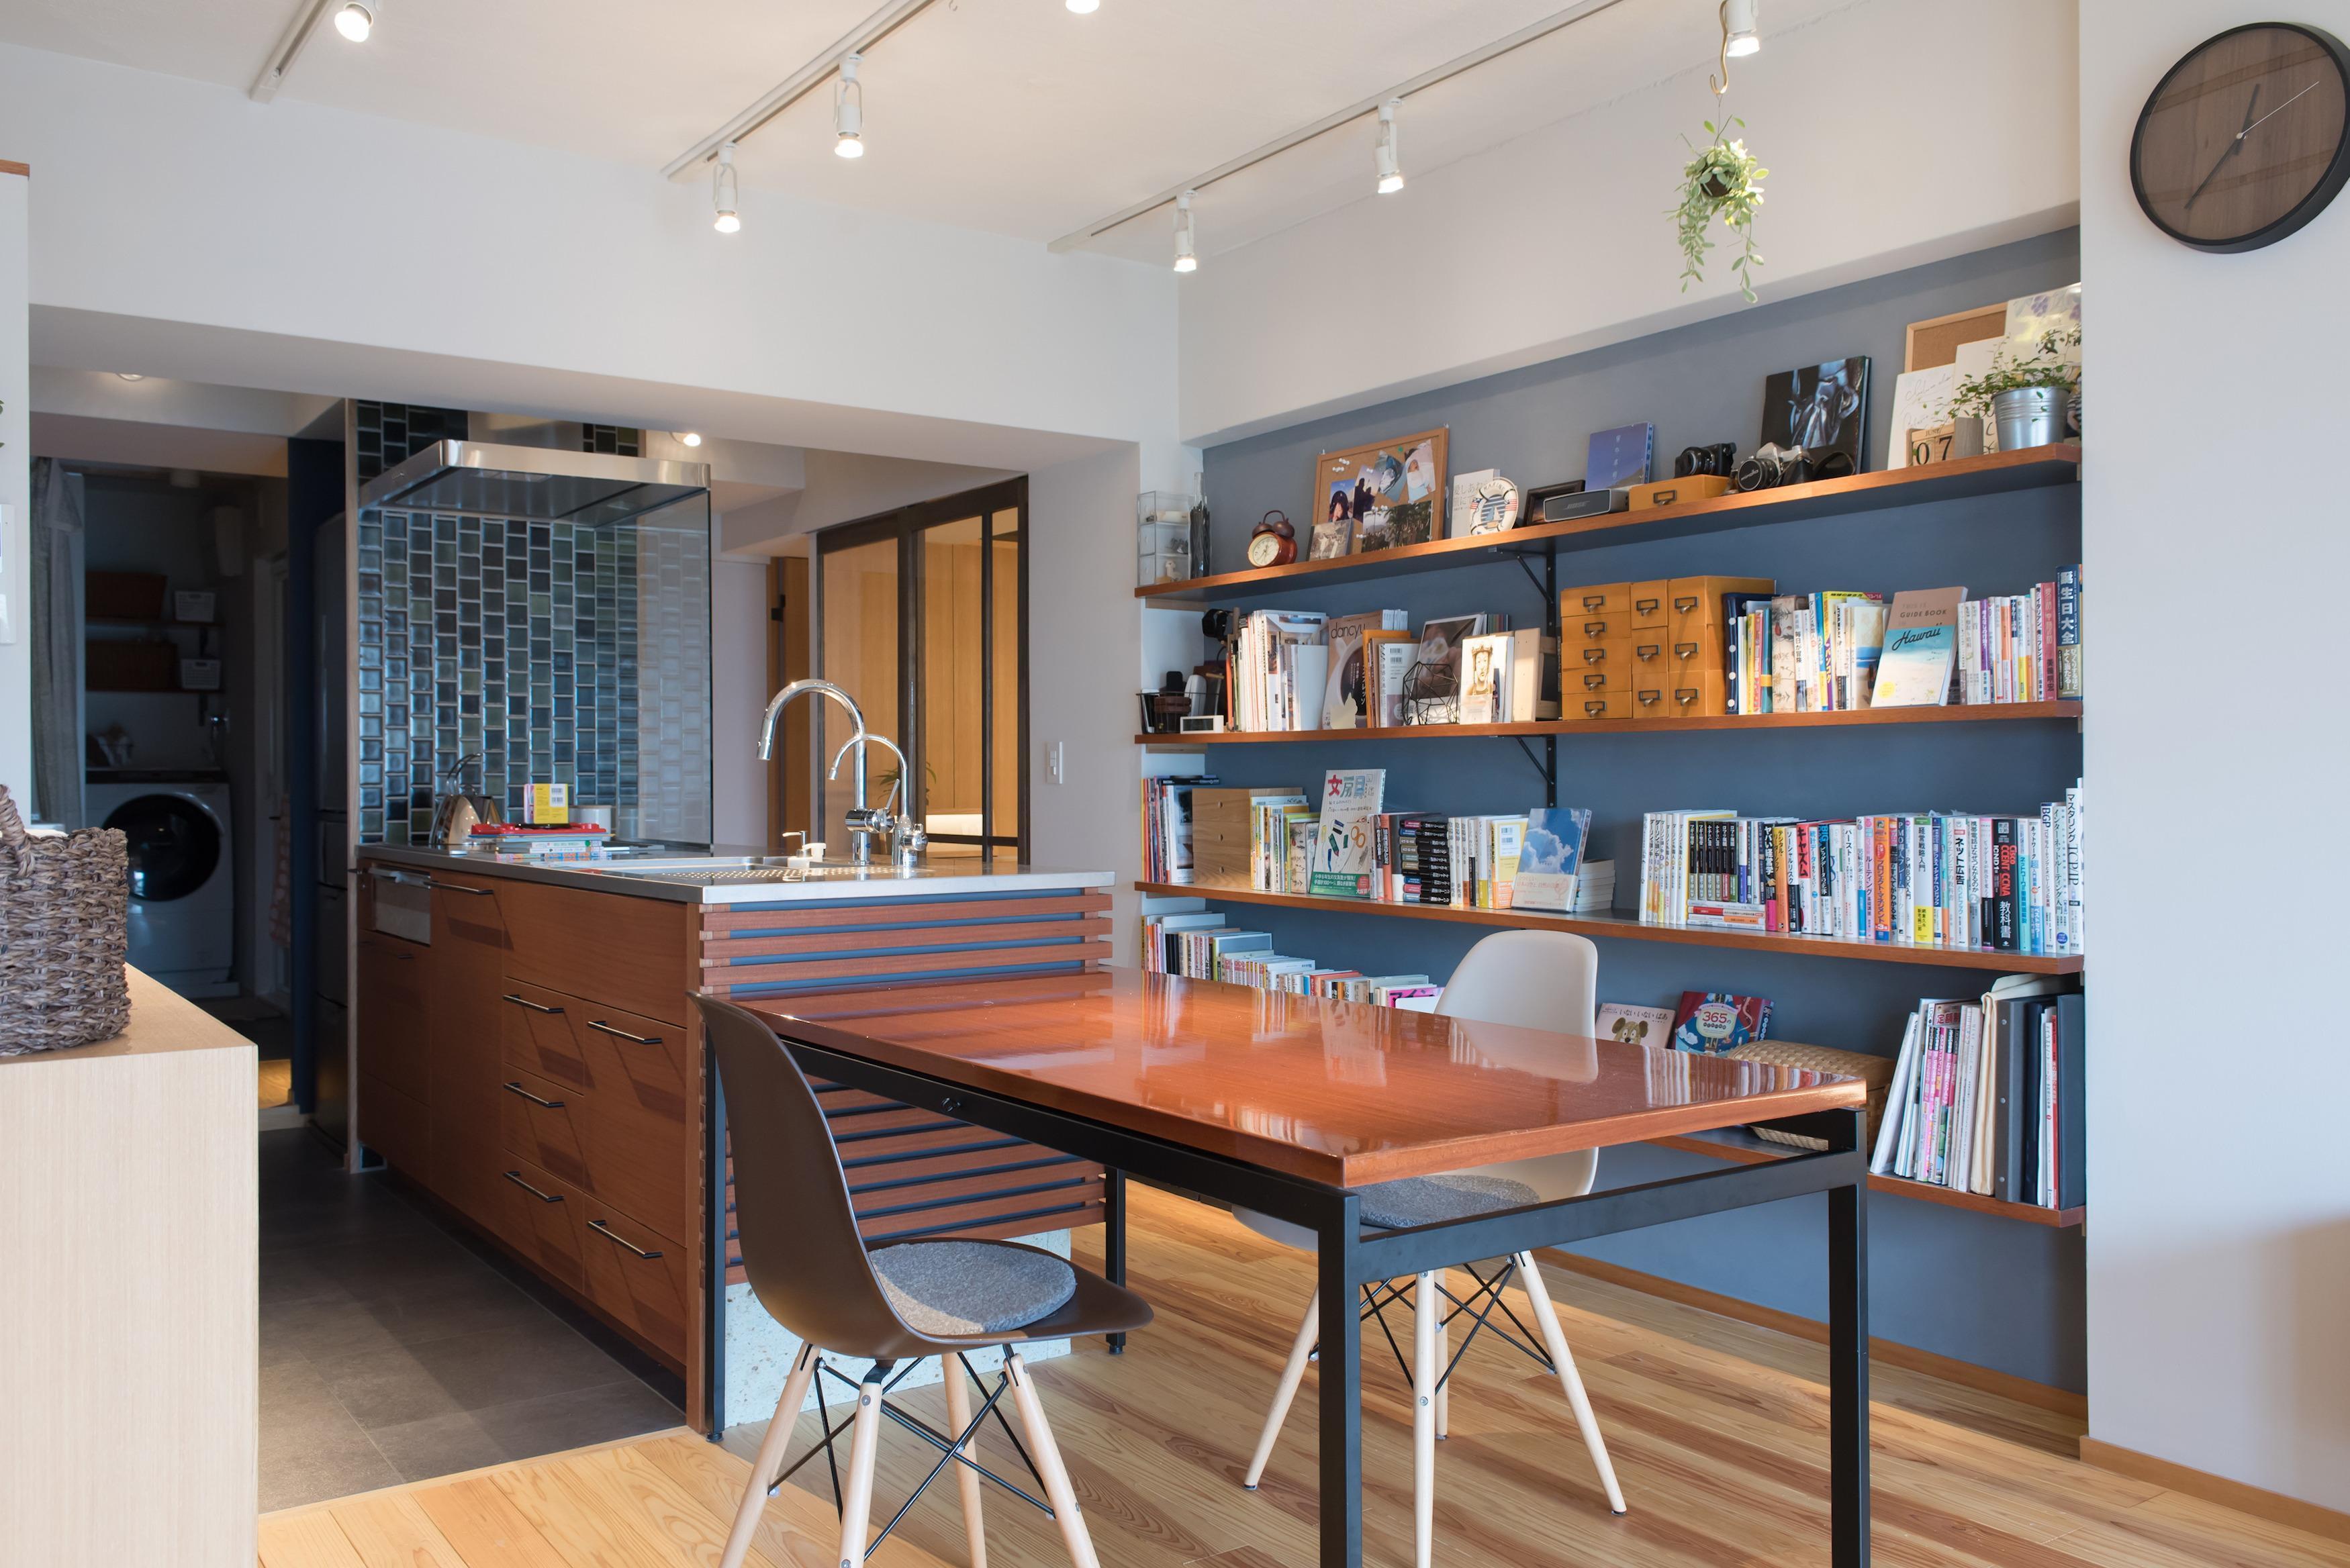 本棚、リノベーション、マンションリノベーション、ハンズデザイン一級建築士事務所、アクセントクロス